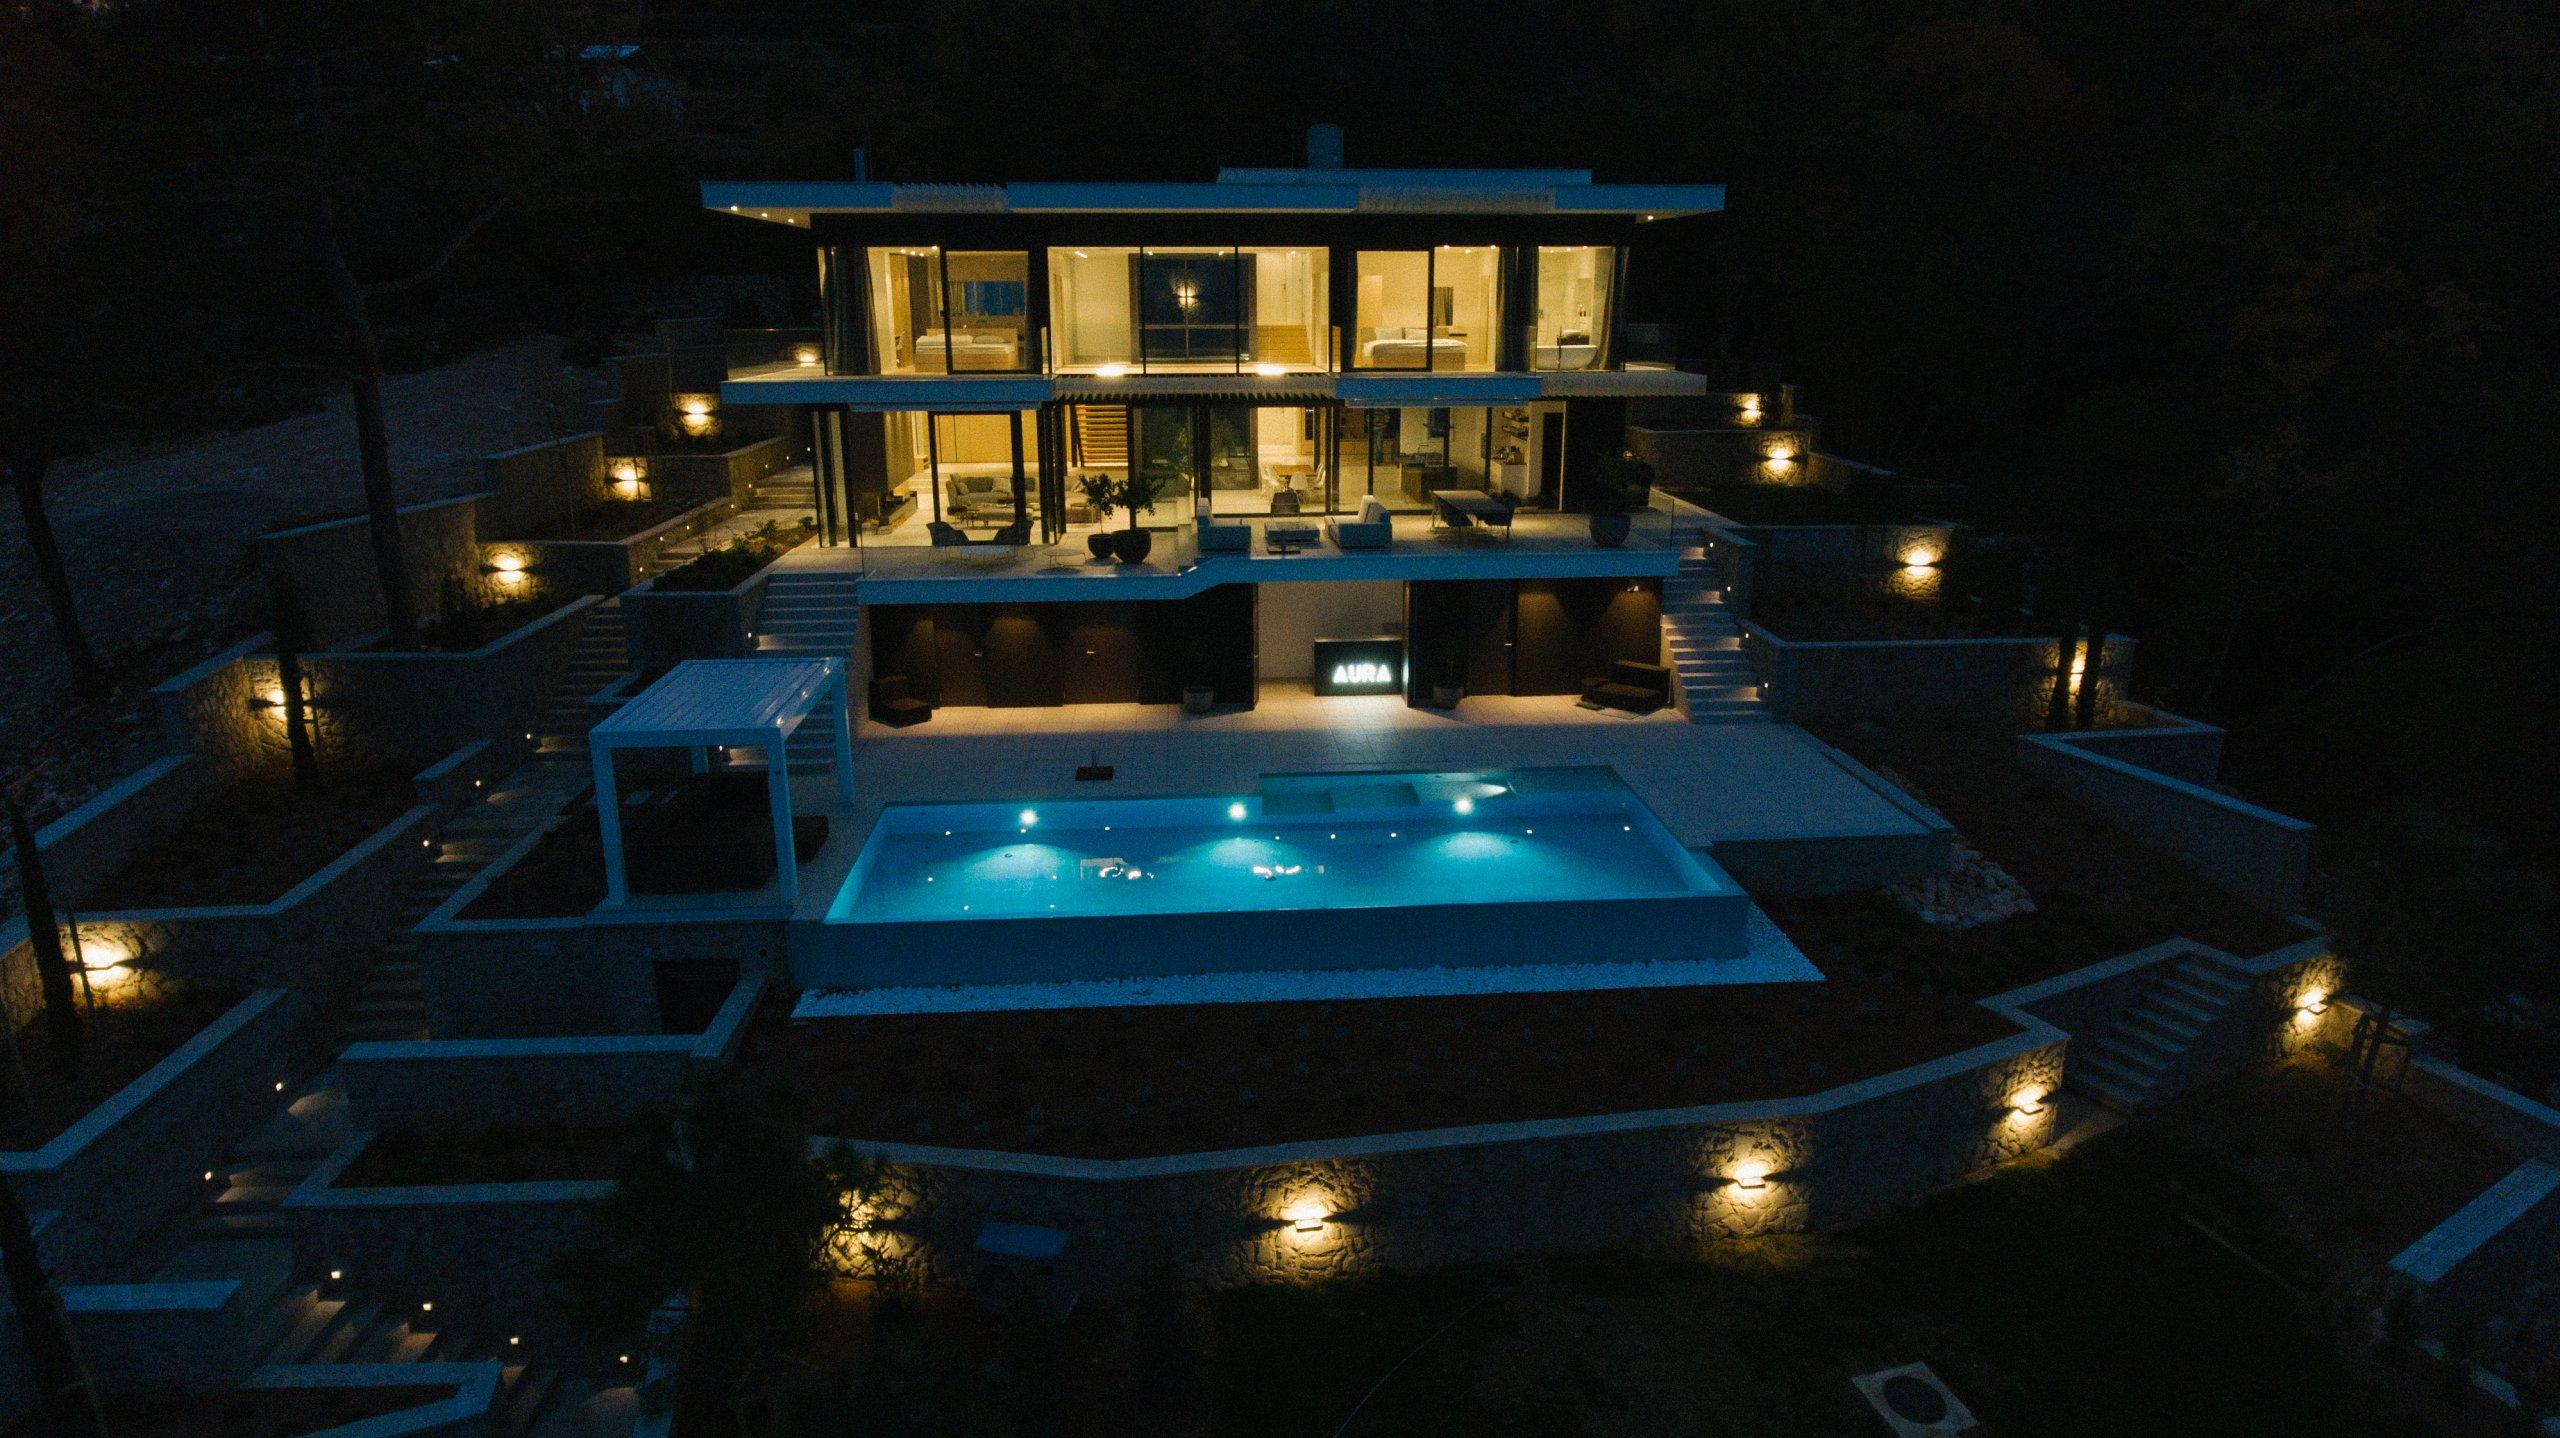 [VIDEO] Od lokacije do načina gradnje i materijala: Zakoračite u svijet luksuznih vila